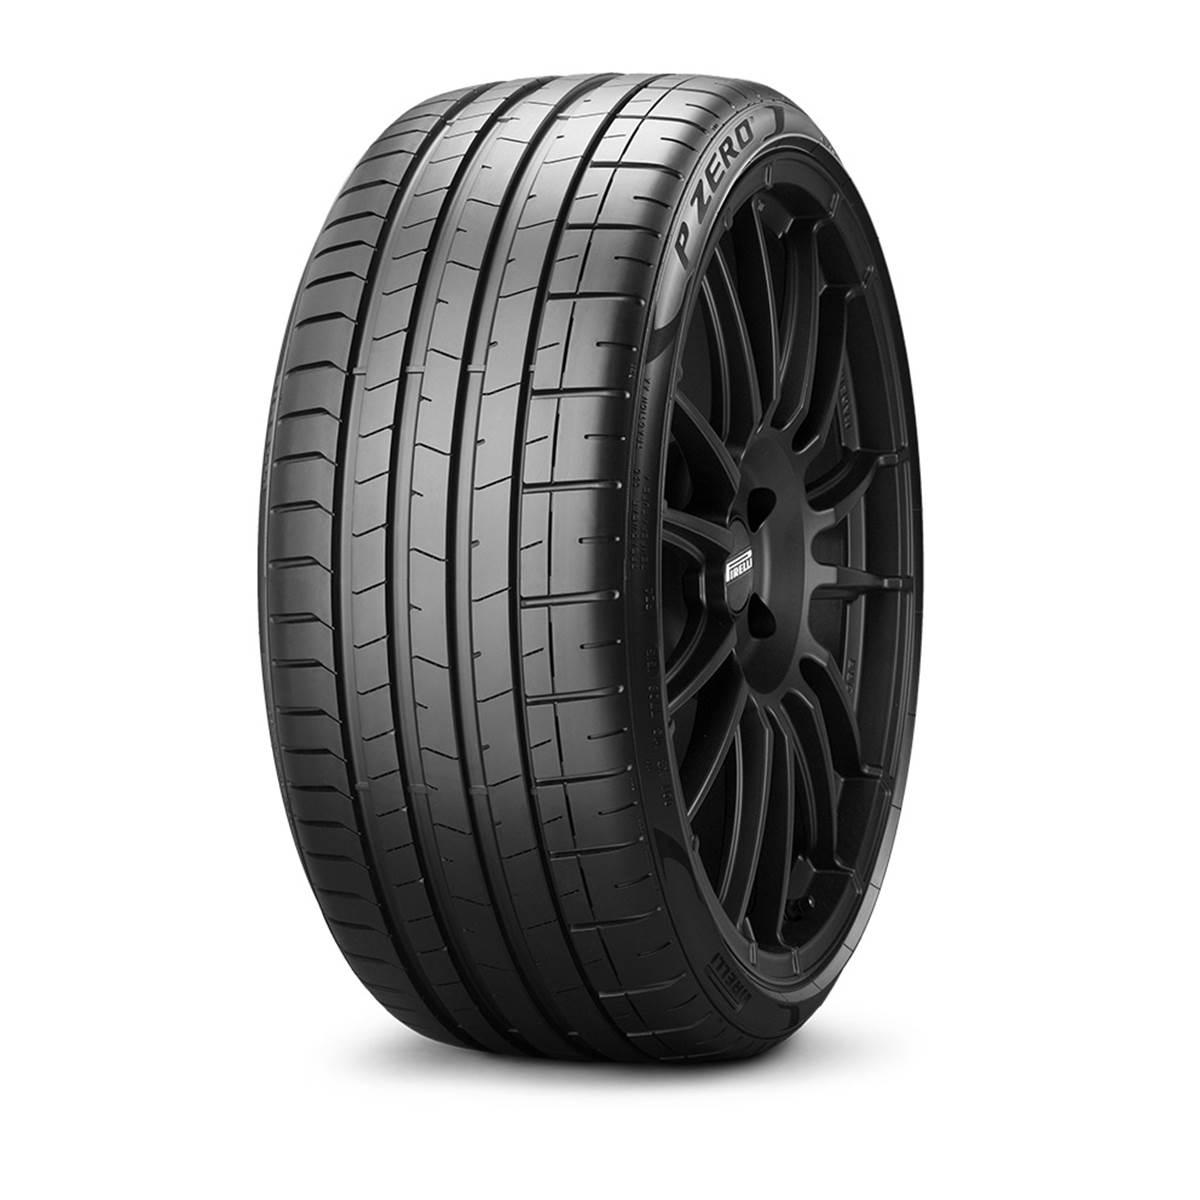 Pneu Pirelli 265/30R19 93Y Pzero XL